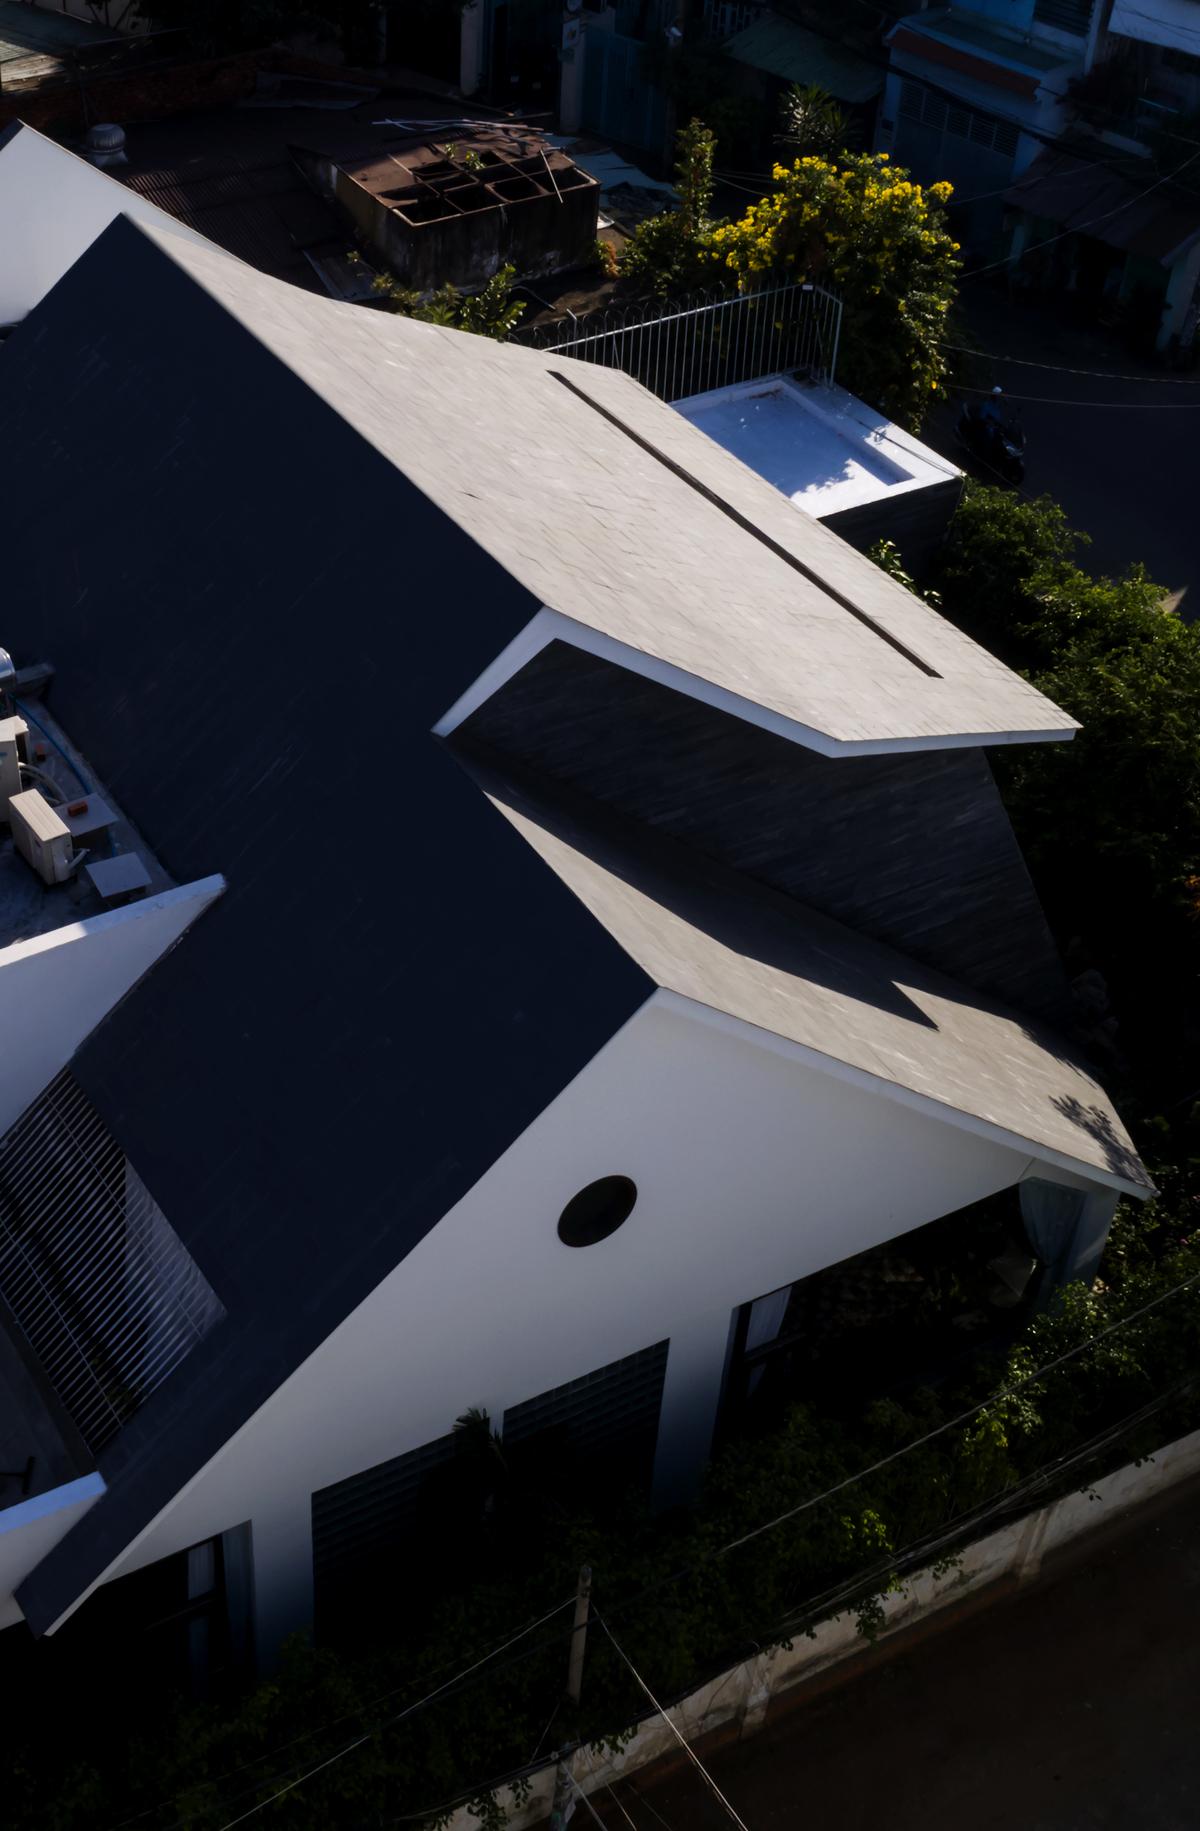 0040 2 - Nhà Huy - Ốc đảo xanh ẩn mình giữa phố thị   23o5 Studio